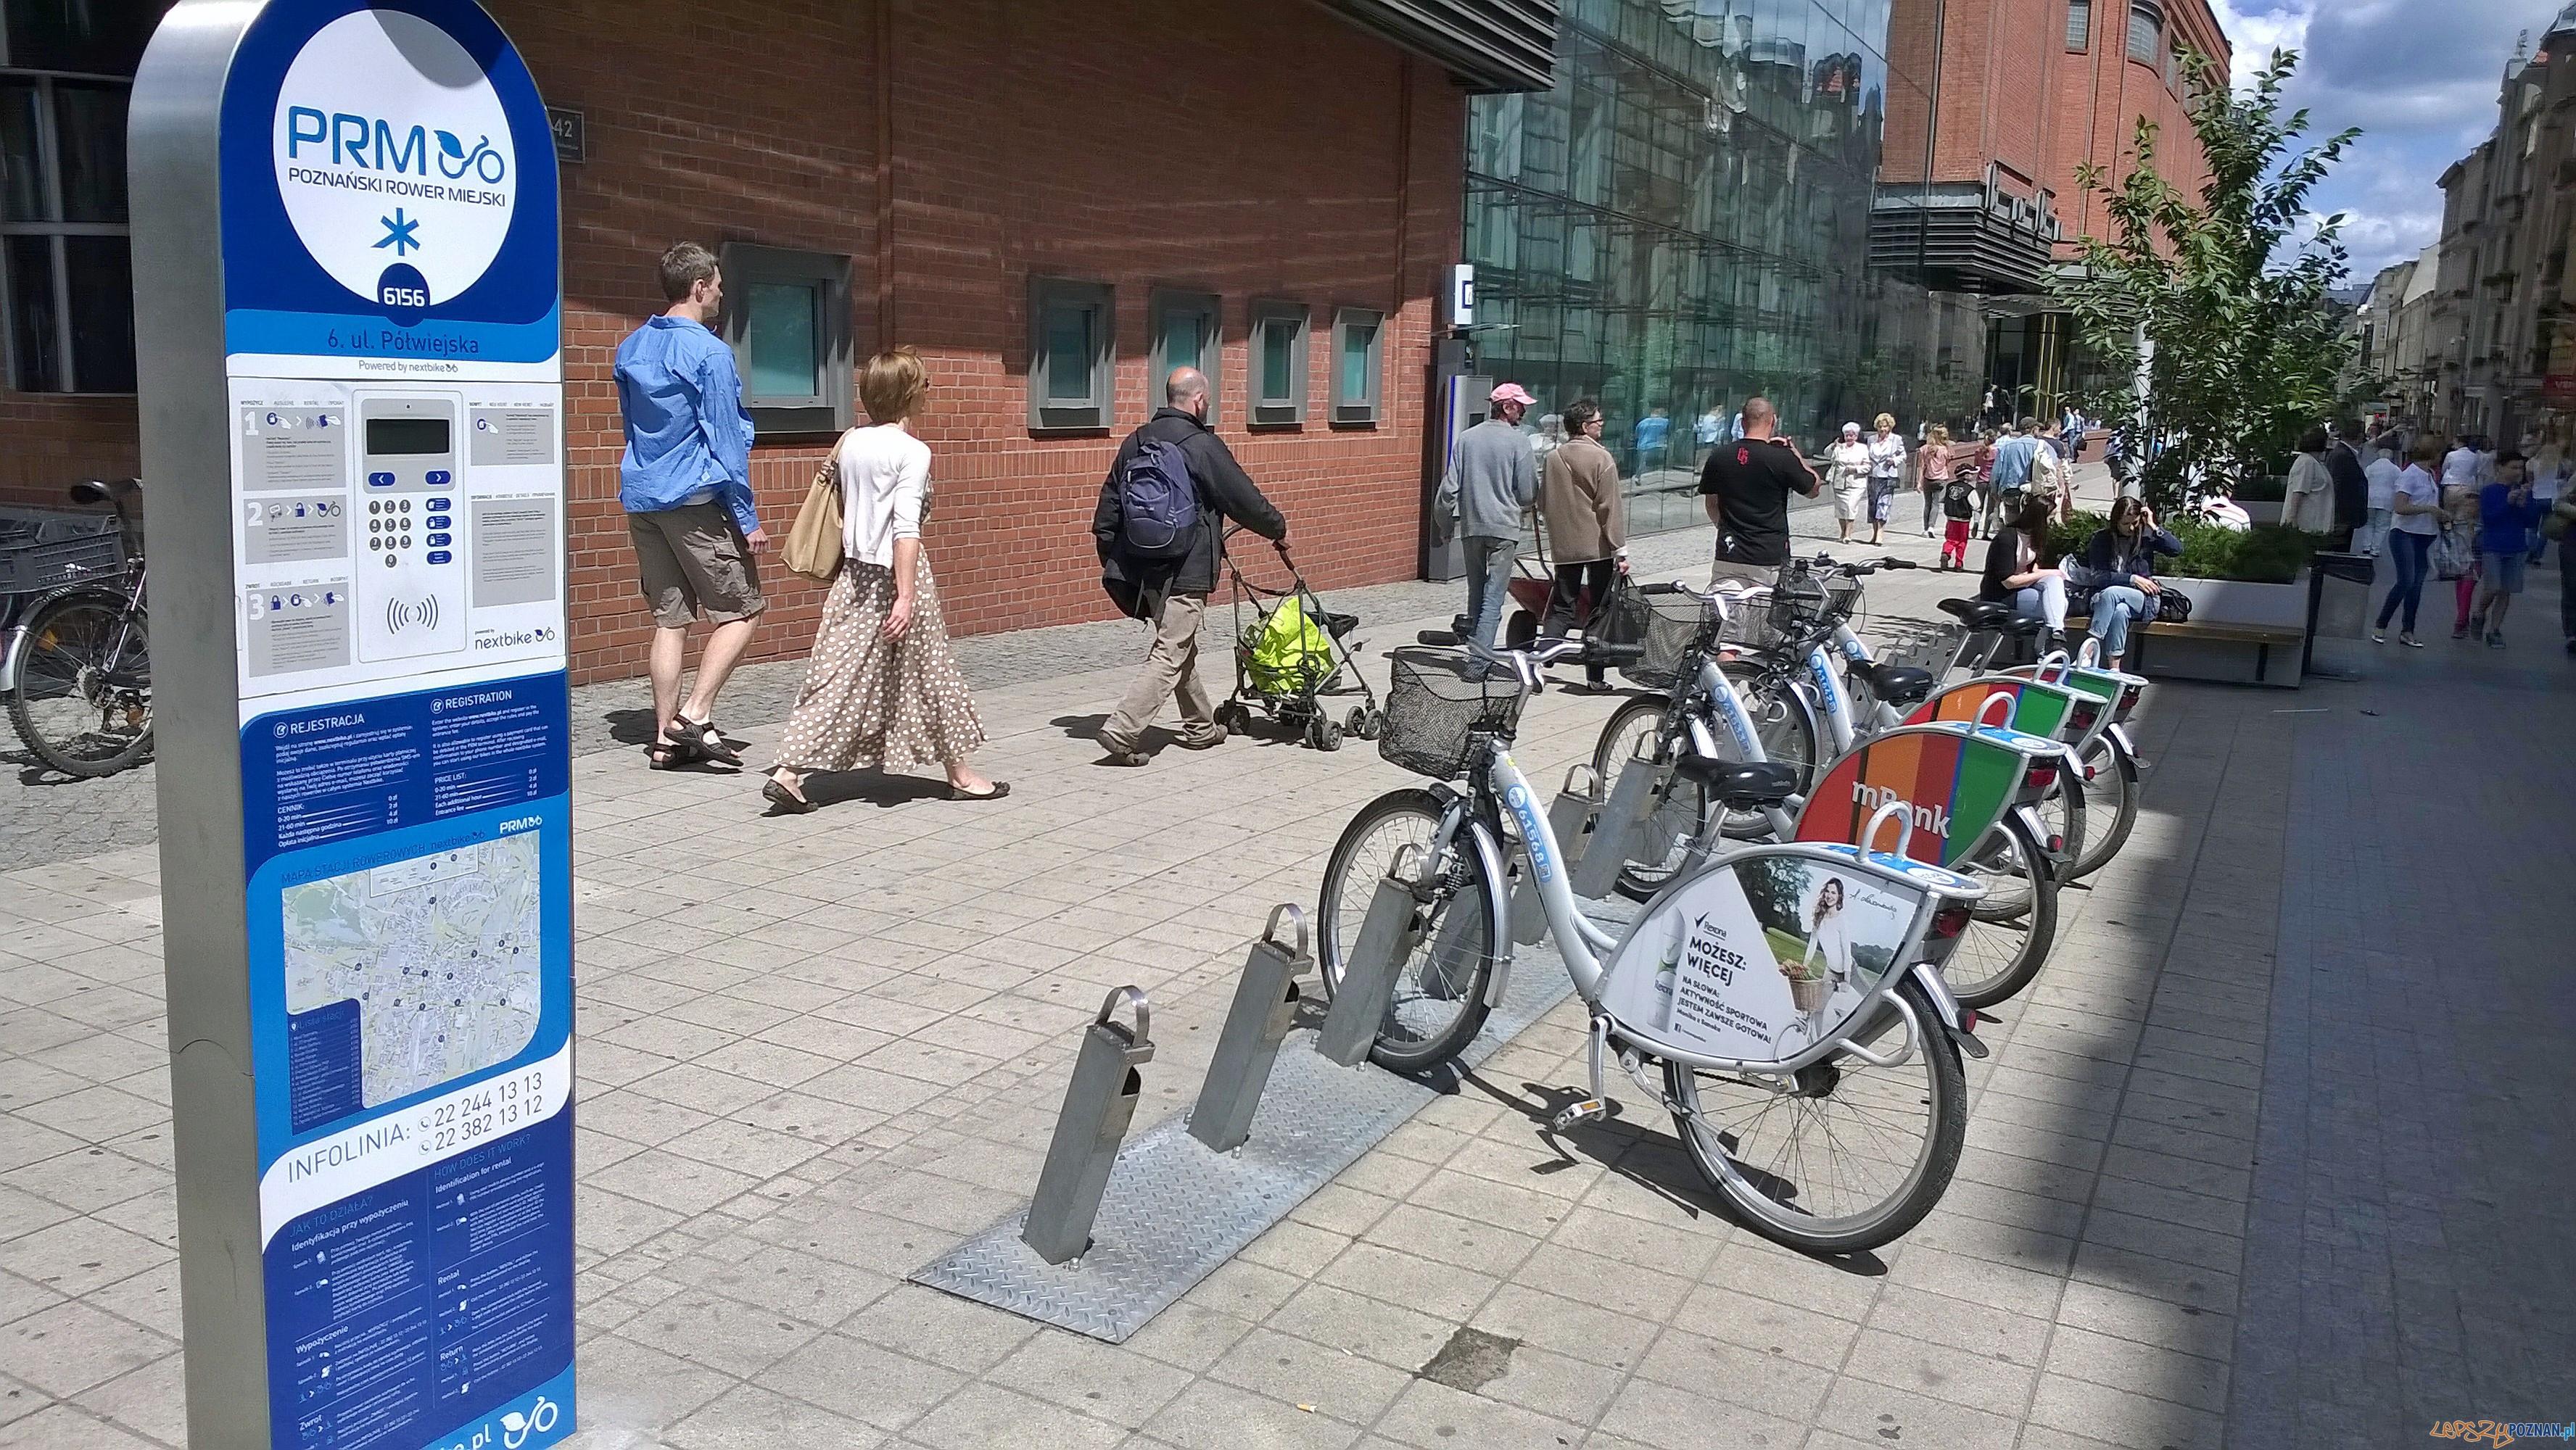 Stacja rowerowa NextBike na Półwiejskiej  Foto: Tomasz Dworek